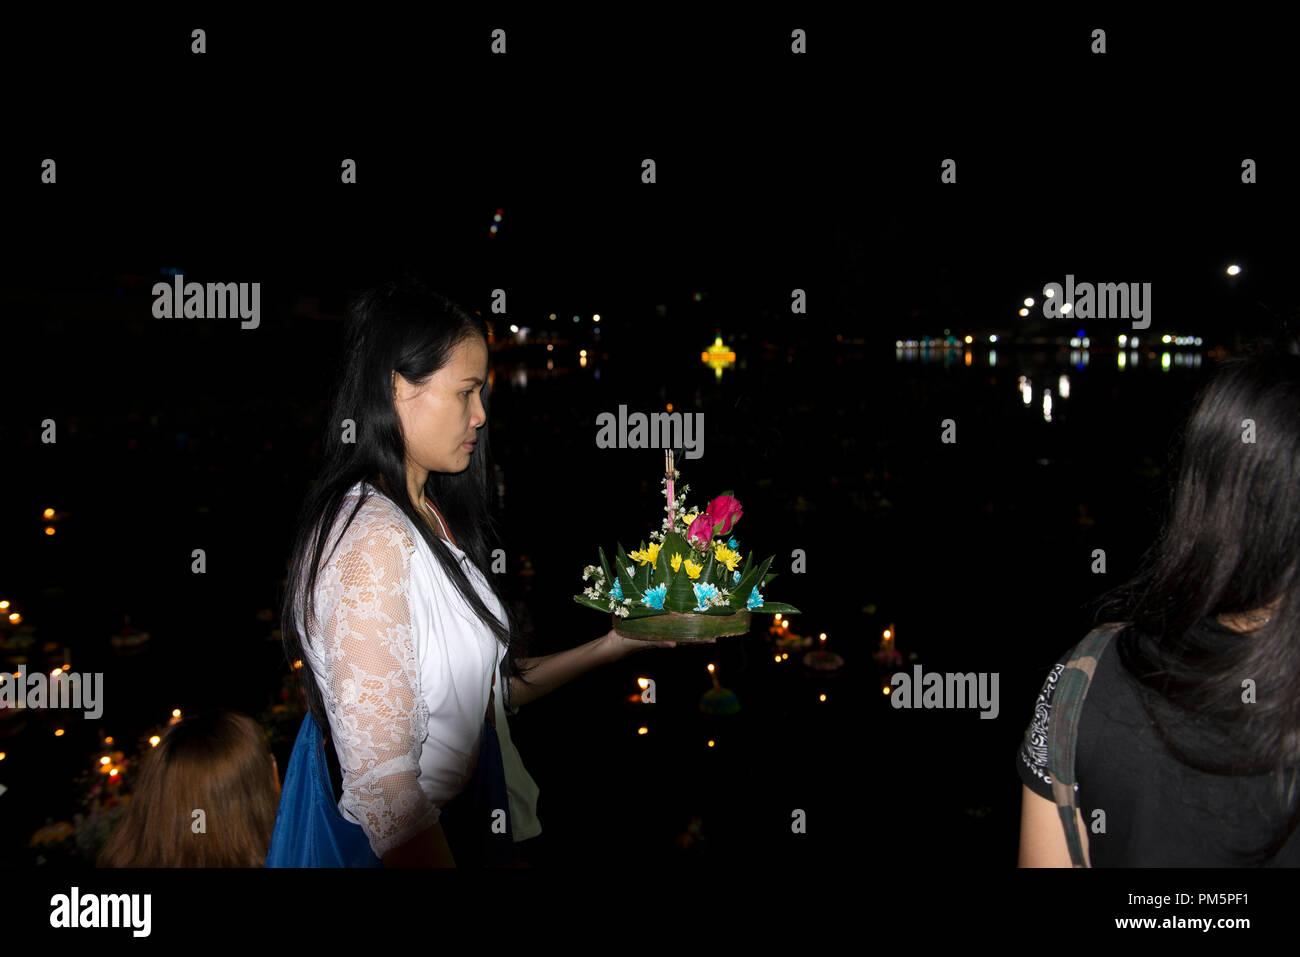 La Thaïlande, Koh Samui, Loy Krathong Festival, femme avec des fleurs Banque D'Images